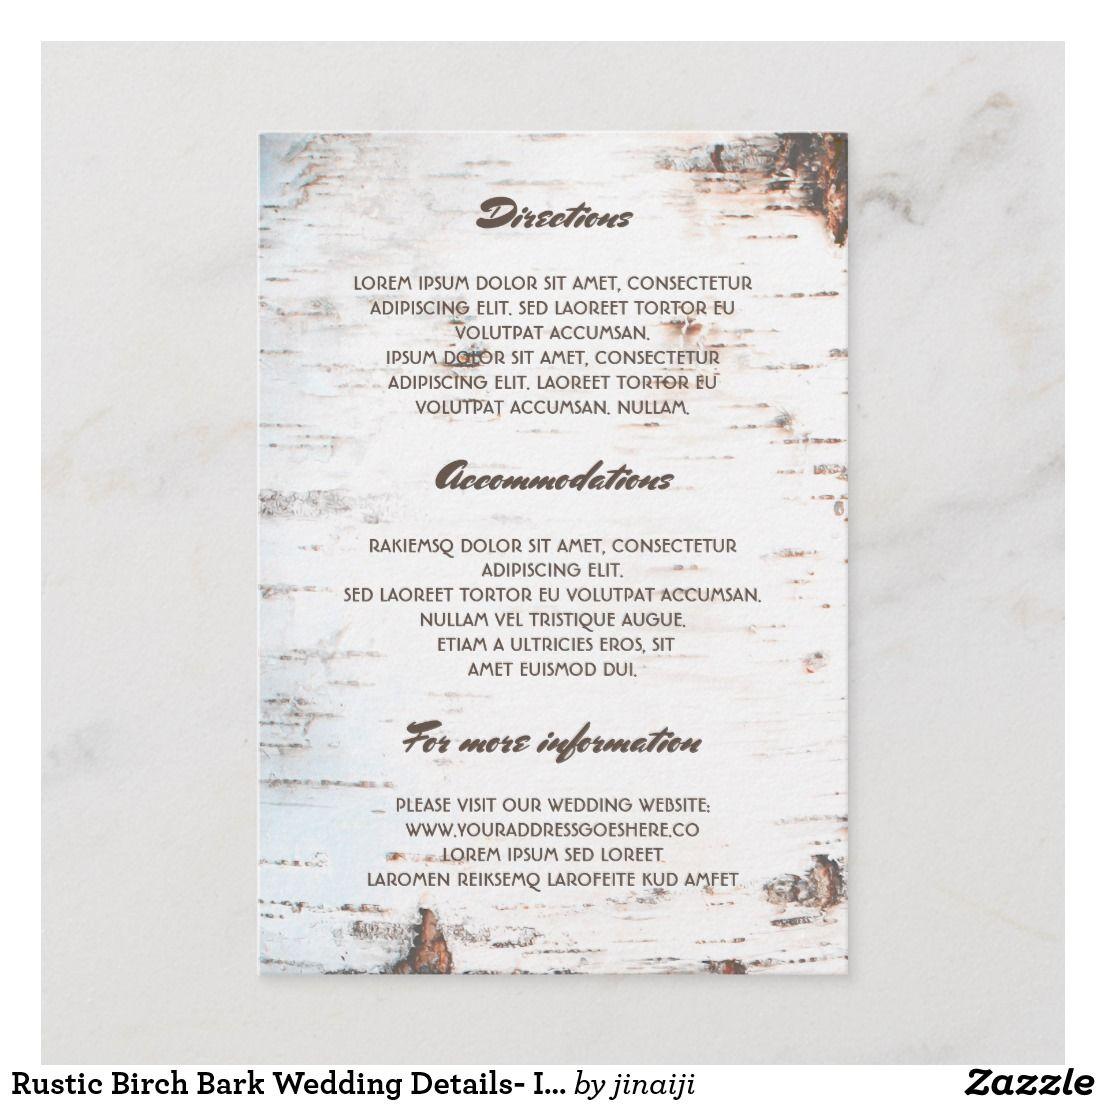 Rustic Birch Bark Wedding Details Information Enclosure Card Zazzle Com Wedding Enclosure Cards Enclosure Cards Wedding Cards